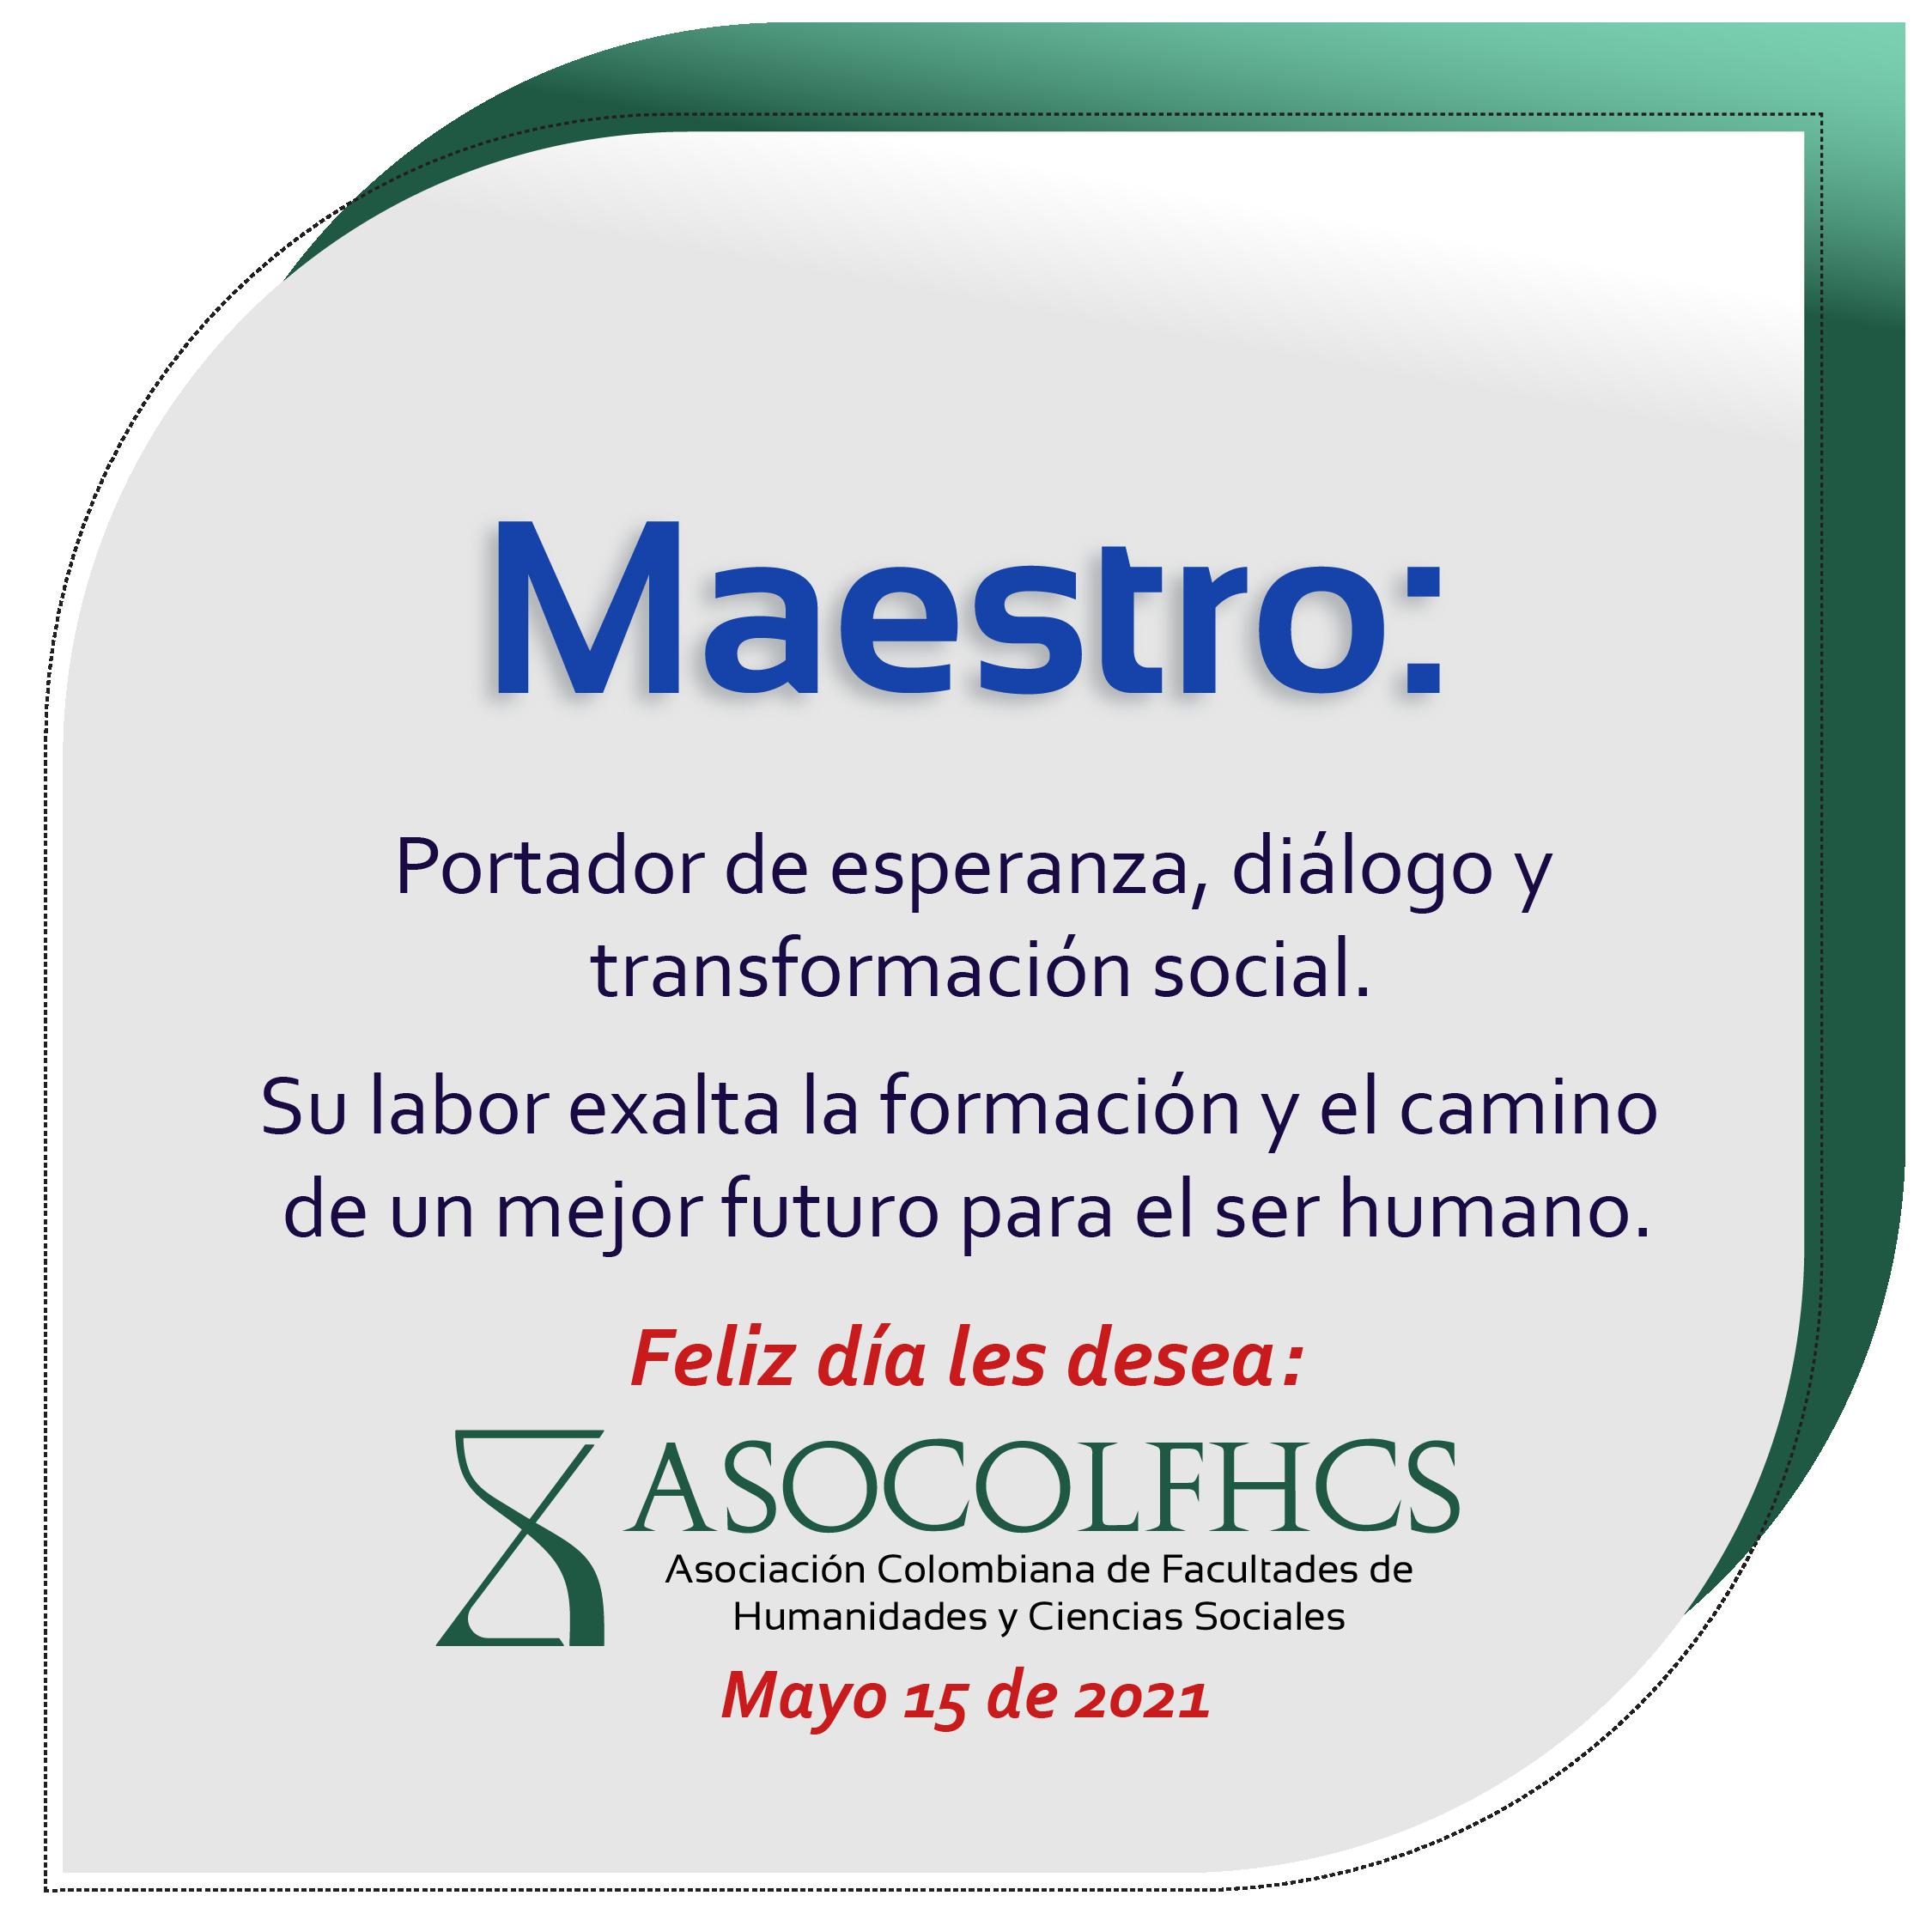 Maestro: portador de esperanza, diálogo y transformación social. Su labor exalta la formación y el camino de un mejor futuro para el ser humano.  Feliz día les desea la Asociación Colombiana